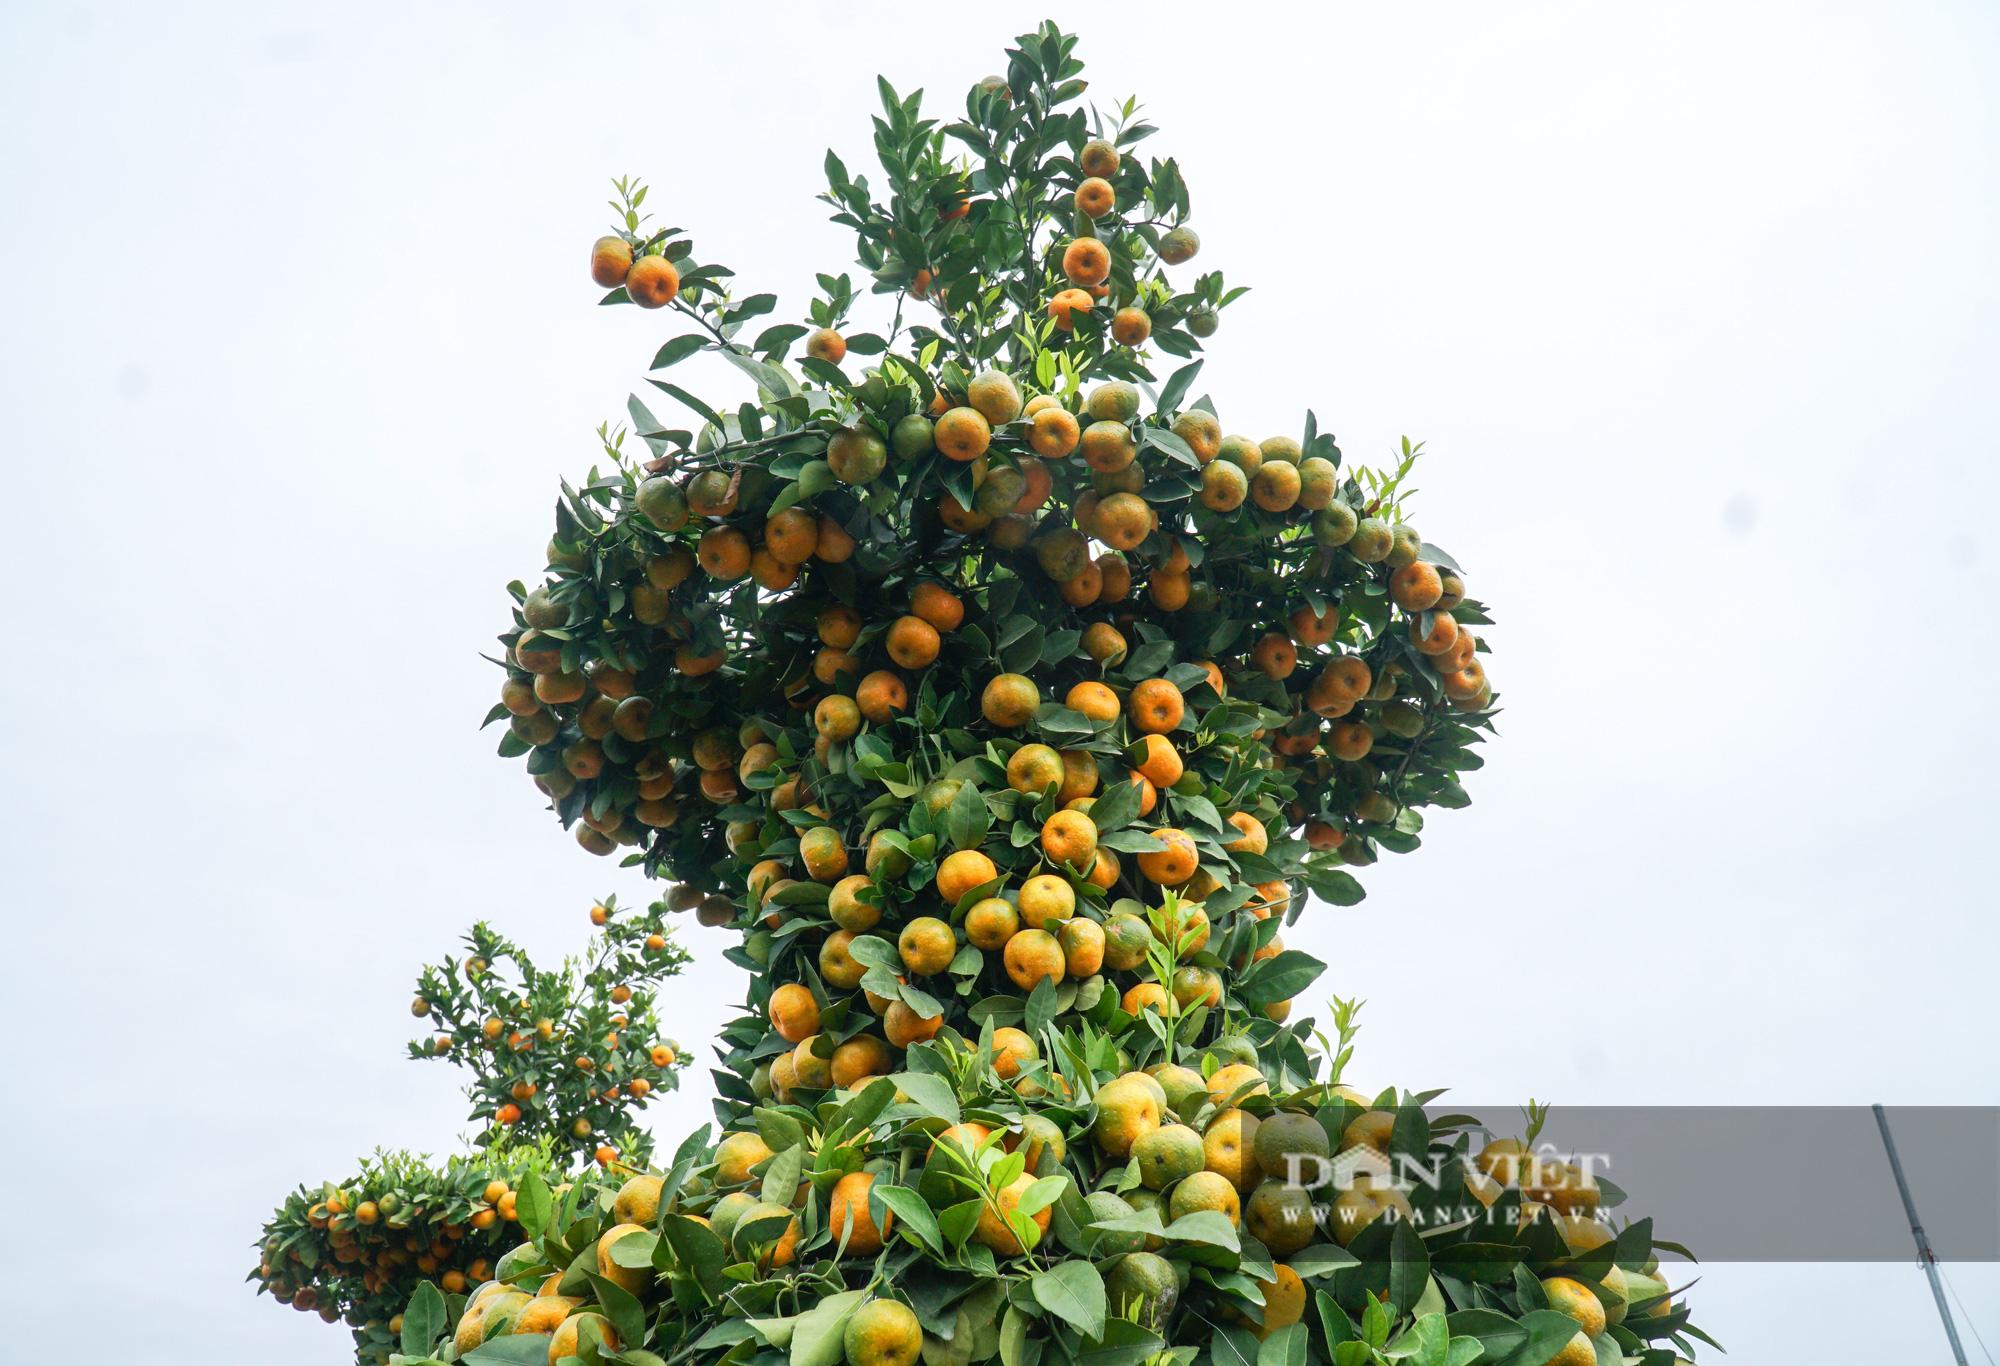 Quýt cảnh giảm giá sâu người trồng ngậm ngùi chịu lỗ - Ảnh 10.